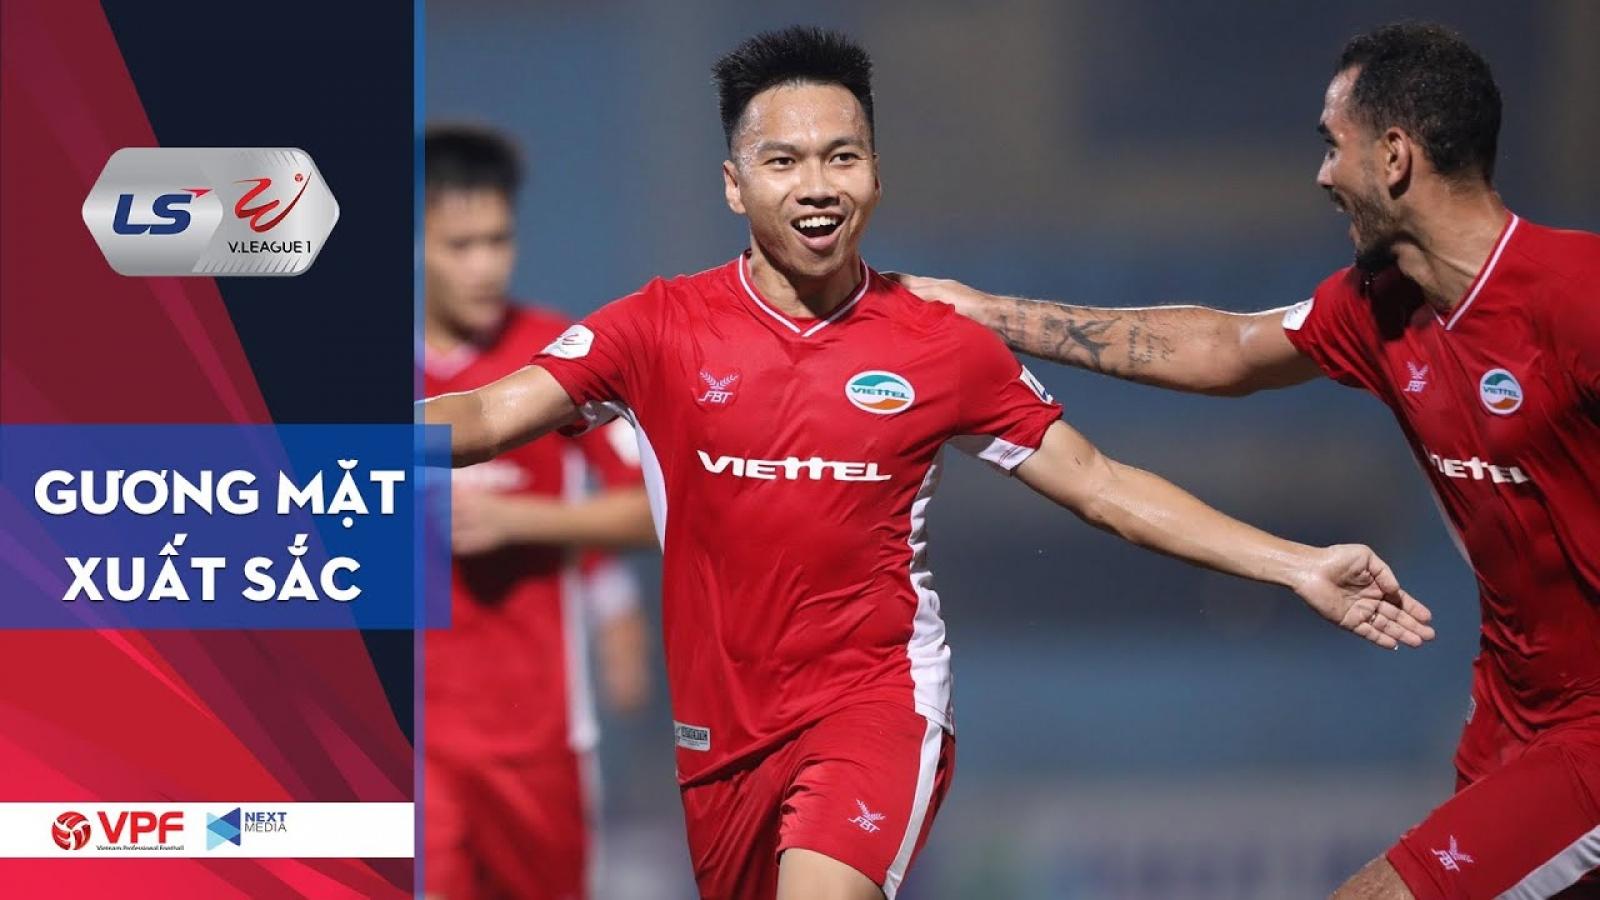 Phong độ đỉnh cao tại V-League 2020 sẽ đưa Hồ Khắc Ngọc lên ĐT Việt Nam?